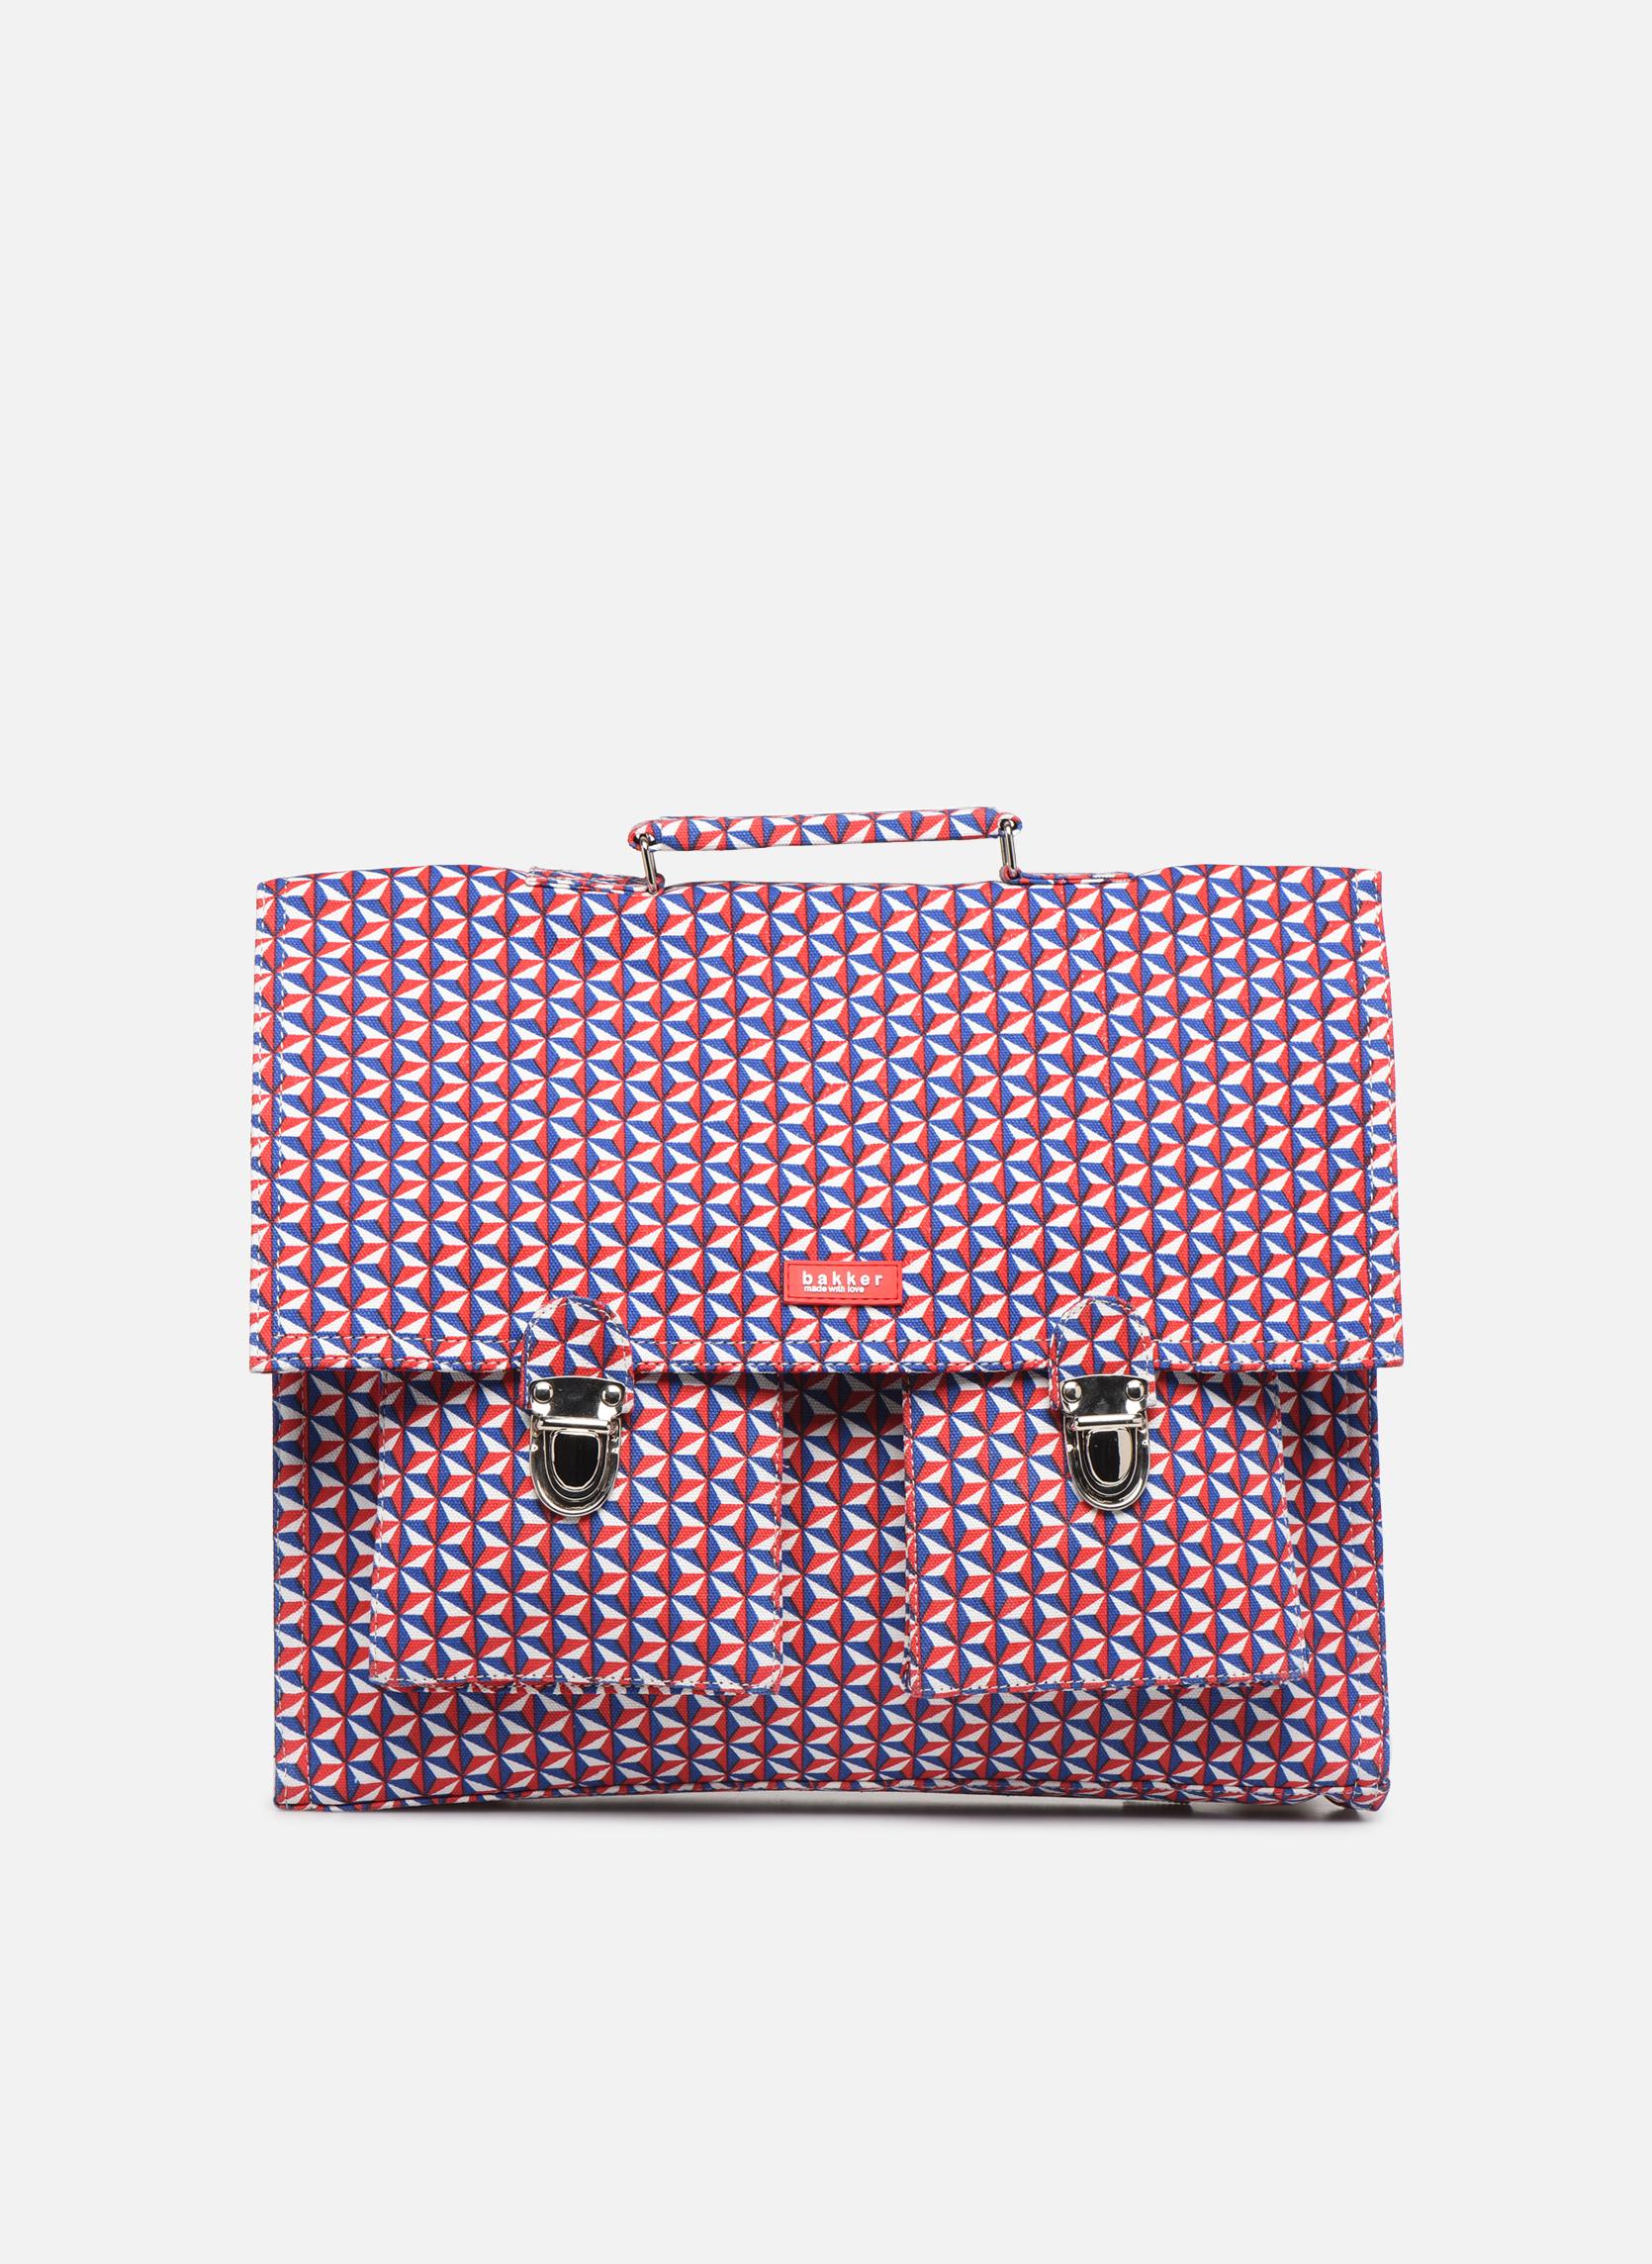 School bags Bags Bintang 37